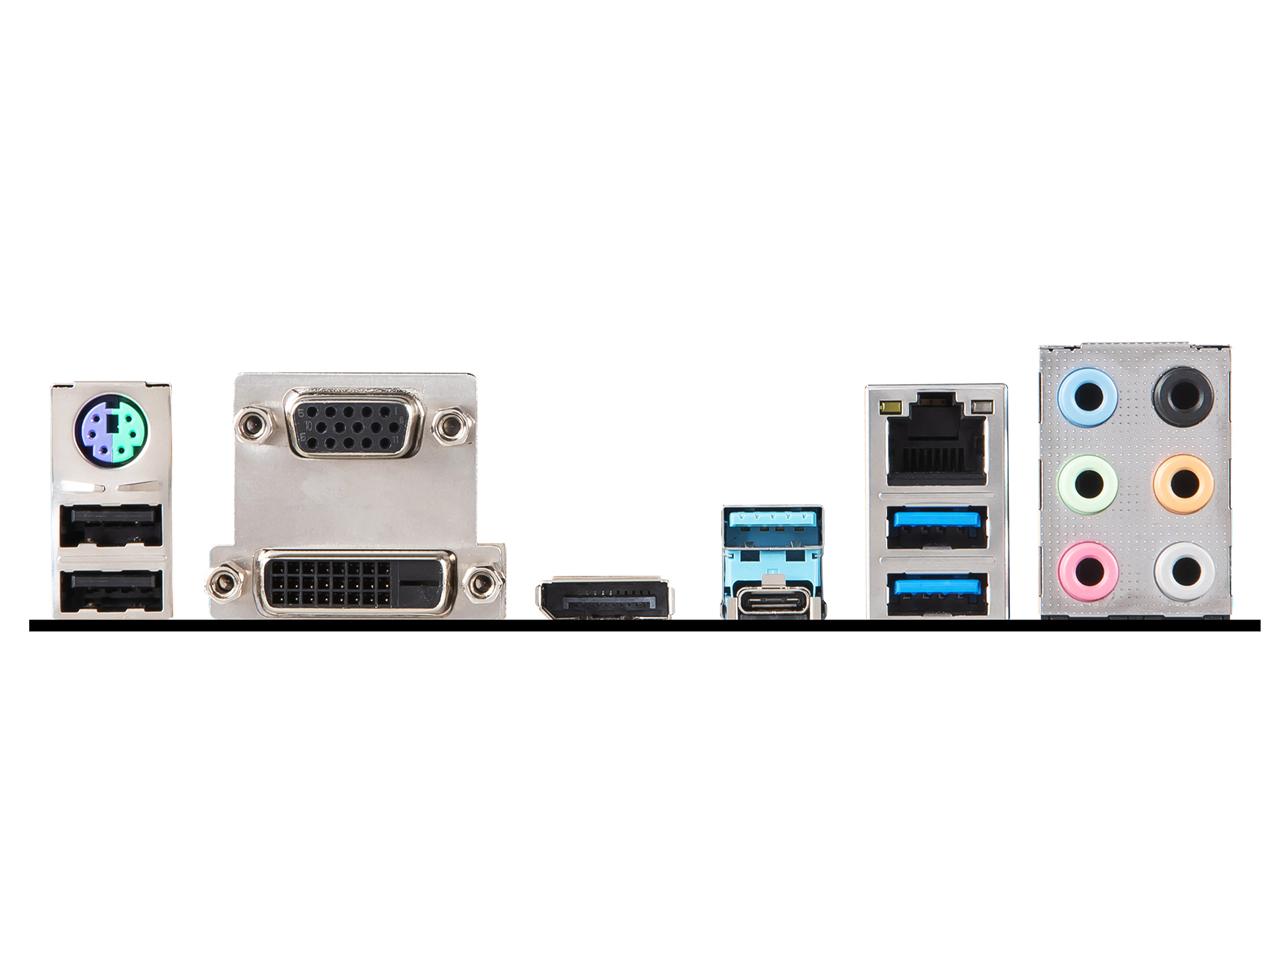 『本体 接続部分』 Z390-A PRO の製品画像